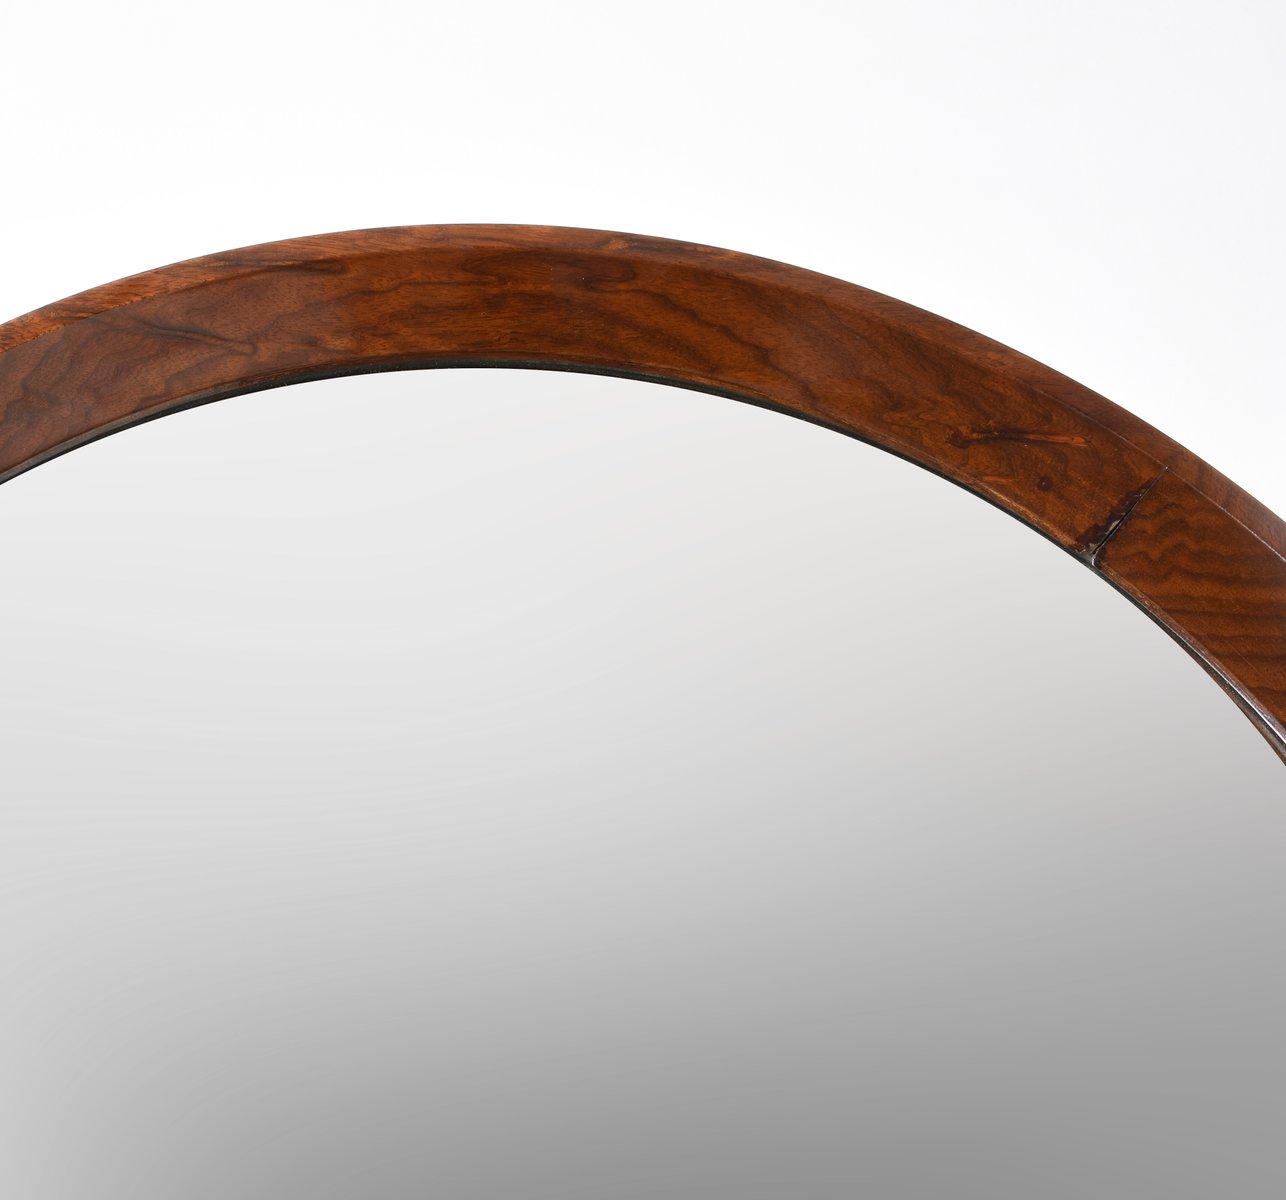 runder wandspiegel mit nussholz rahmen 1970er bei pamono kaufen. Black Bedroom Furniture Sets. Home Design Ideas